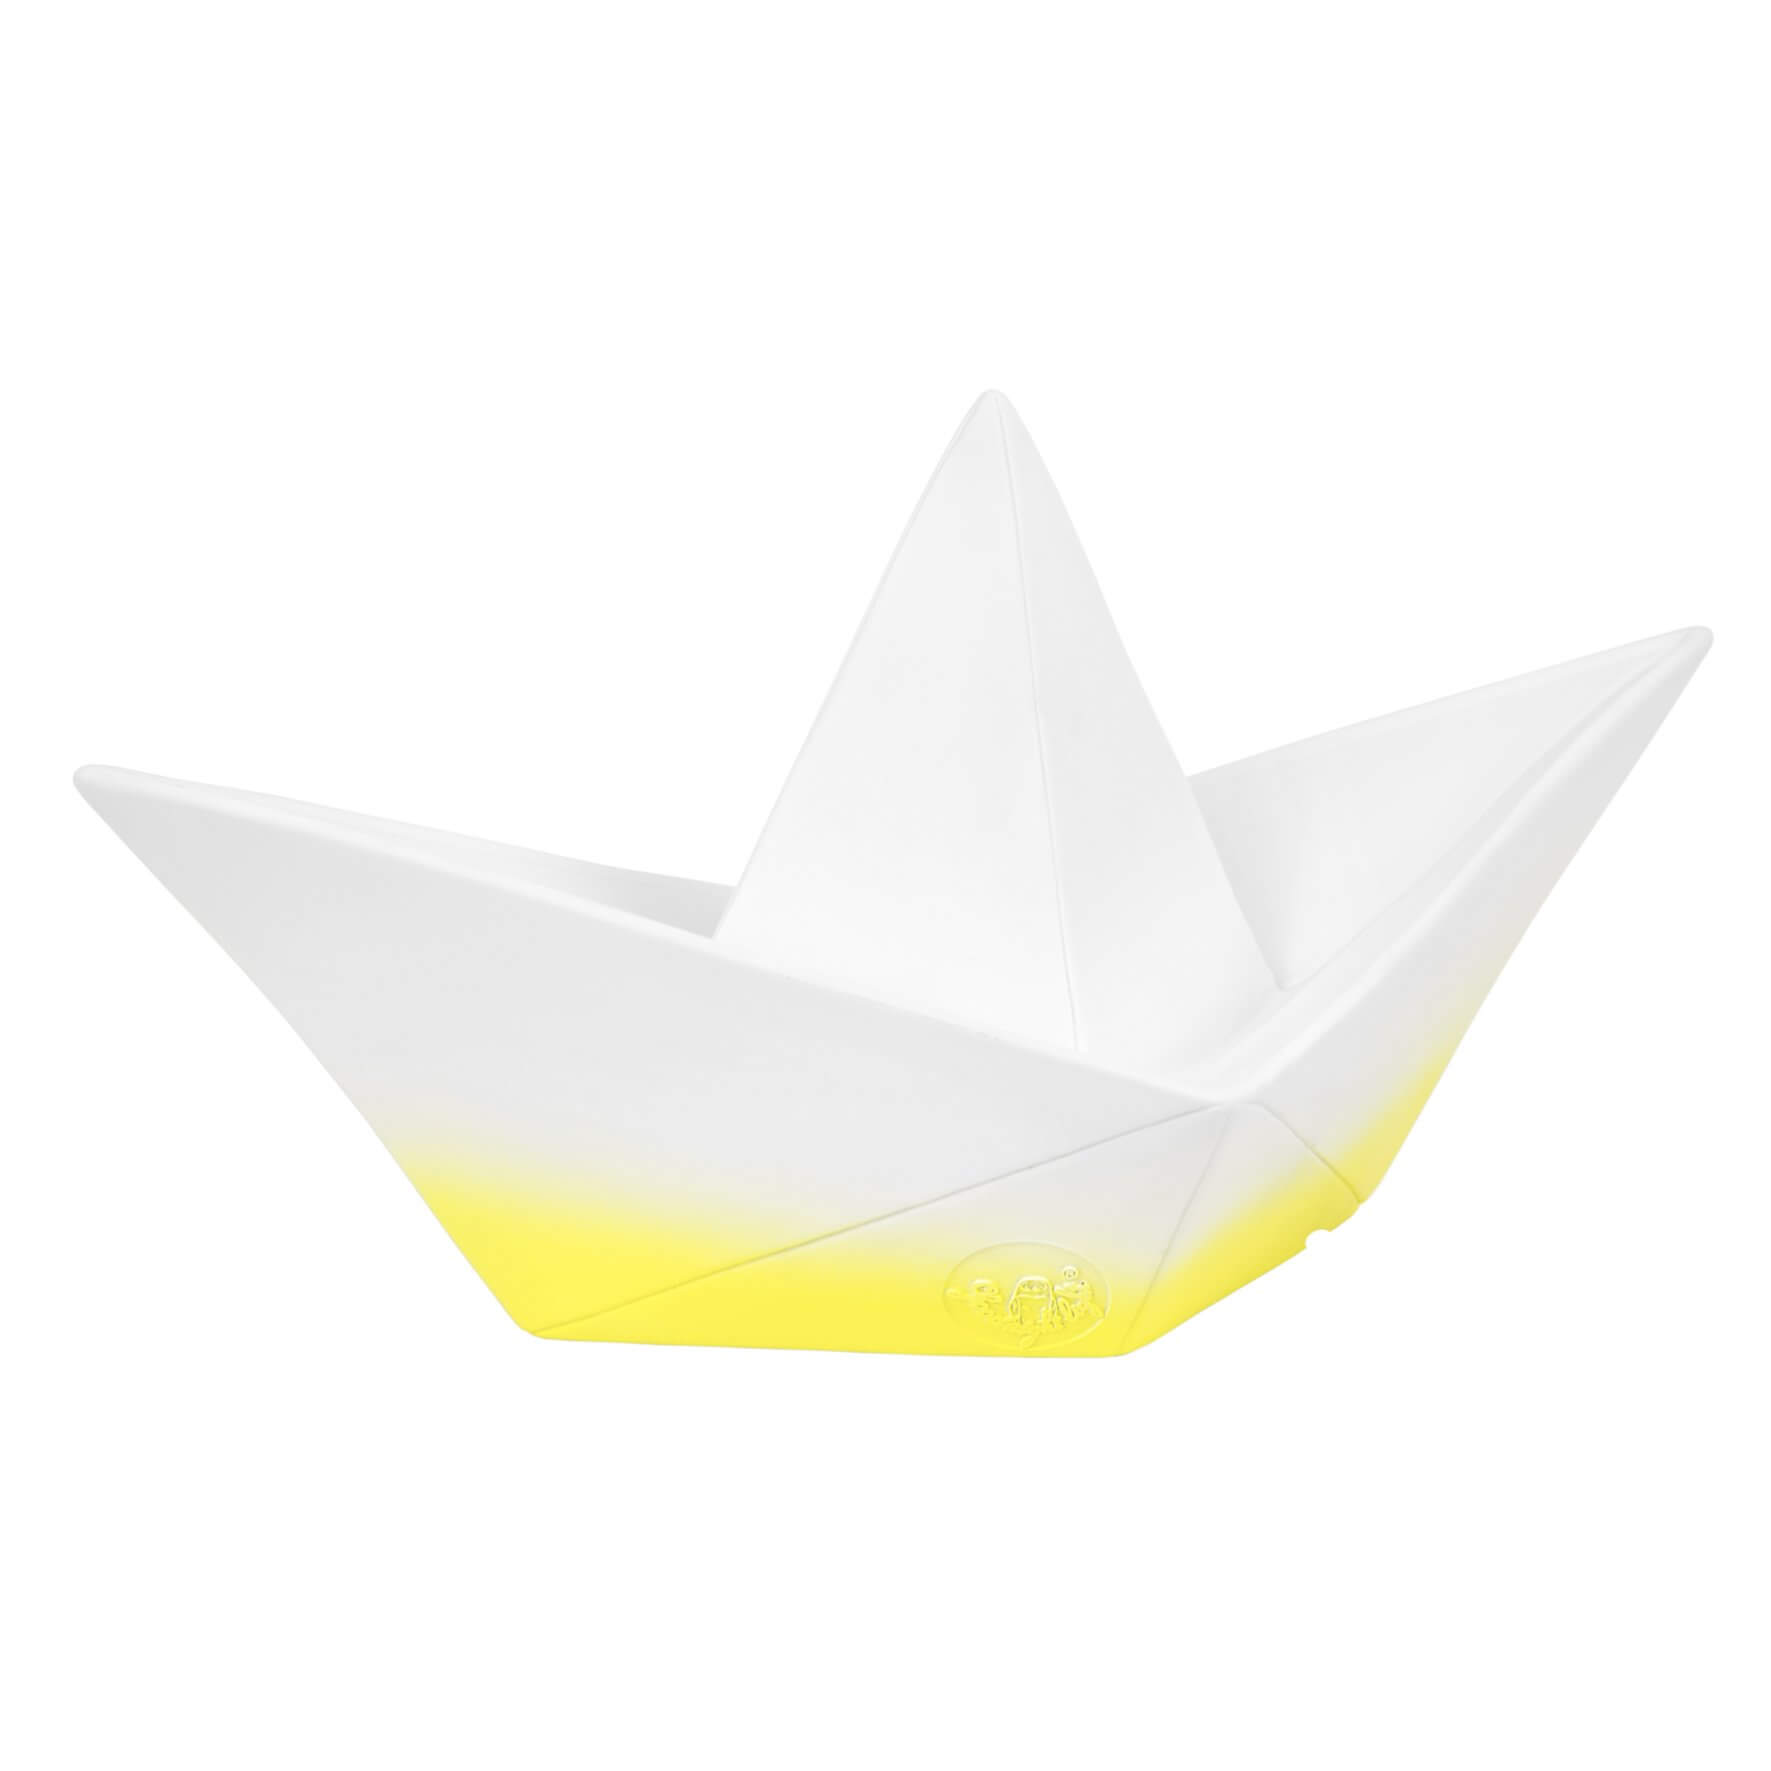 Lampe de table Paper Boat blanc et jaune